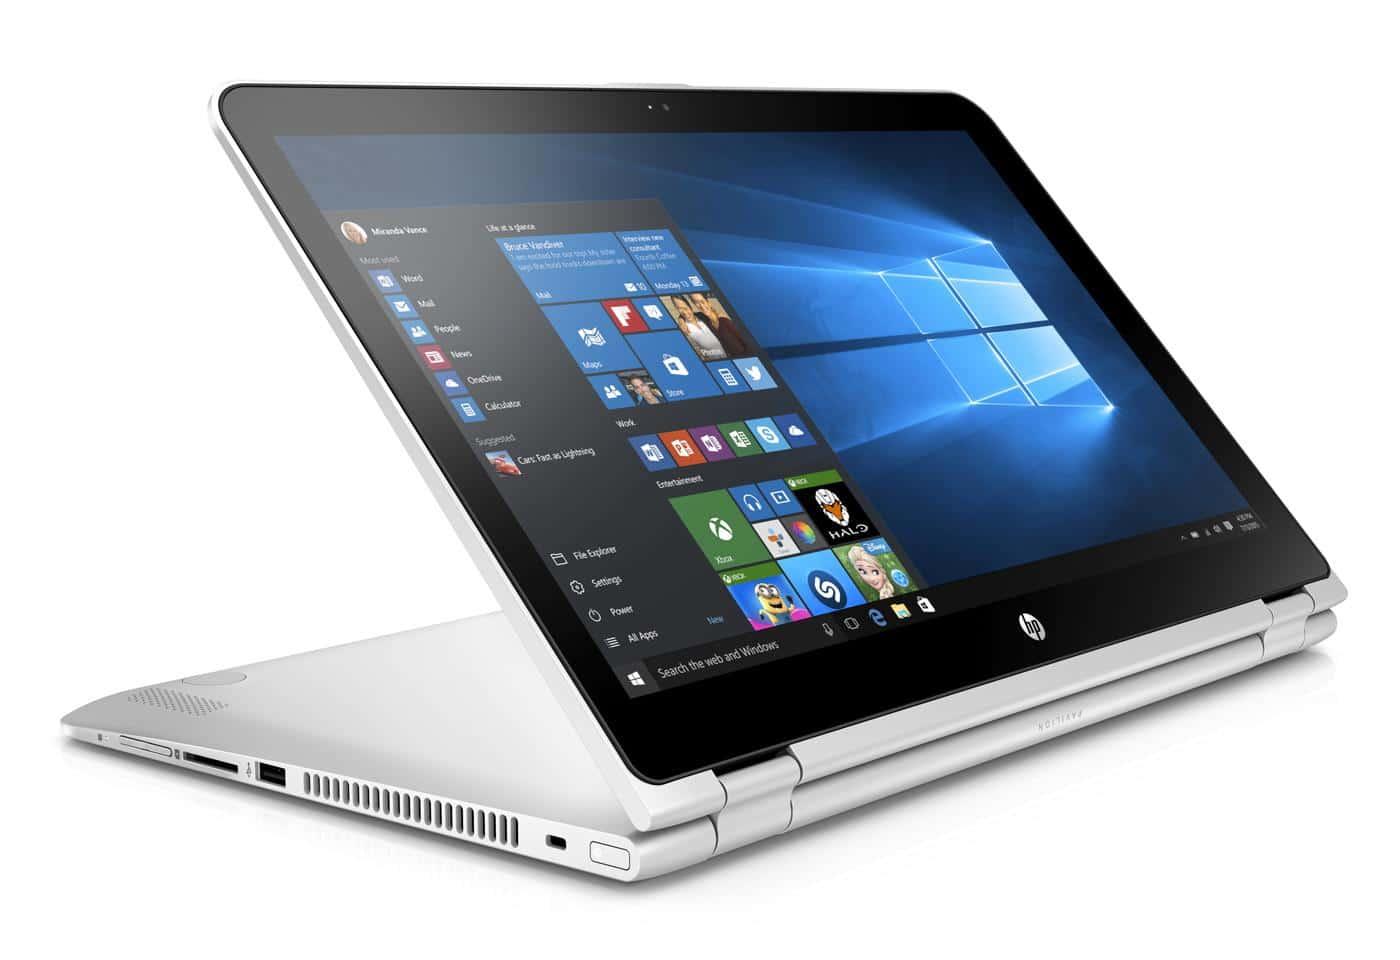 HP Pavilion x360 15-bk001nf, PC portable 15 pouces convertible promo 529€